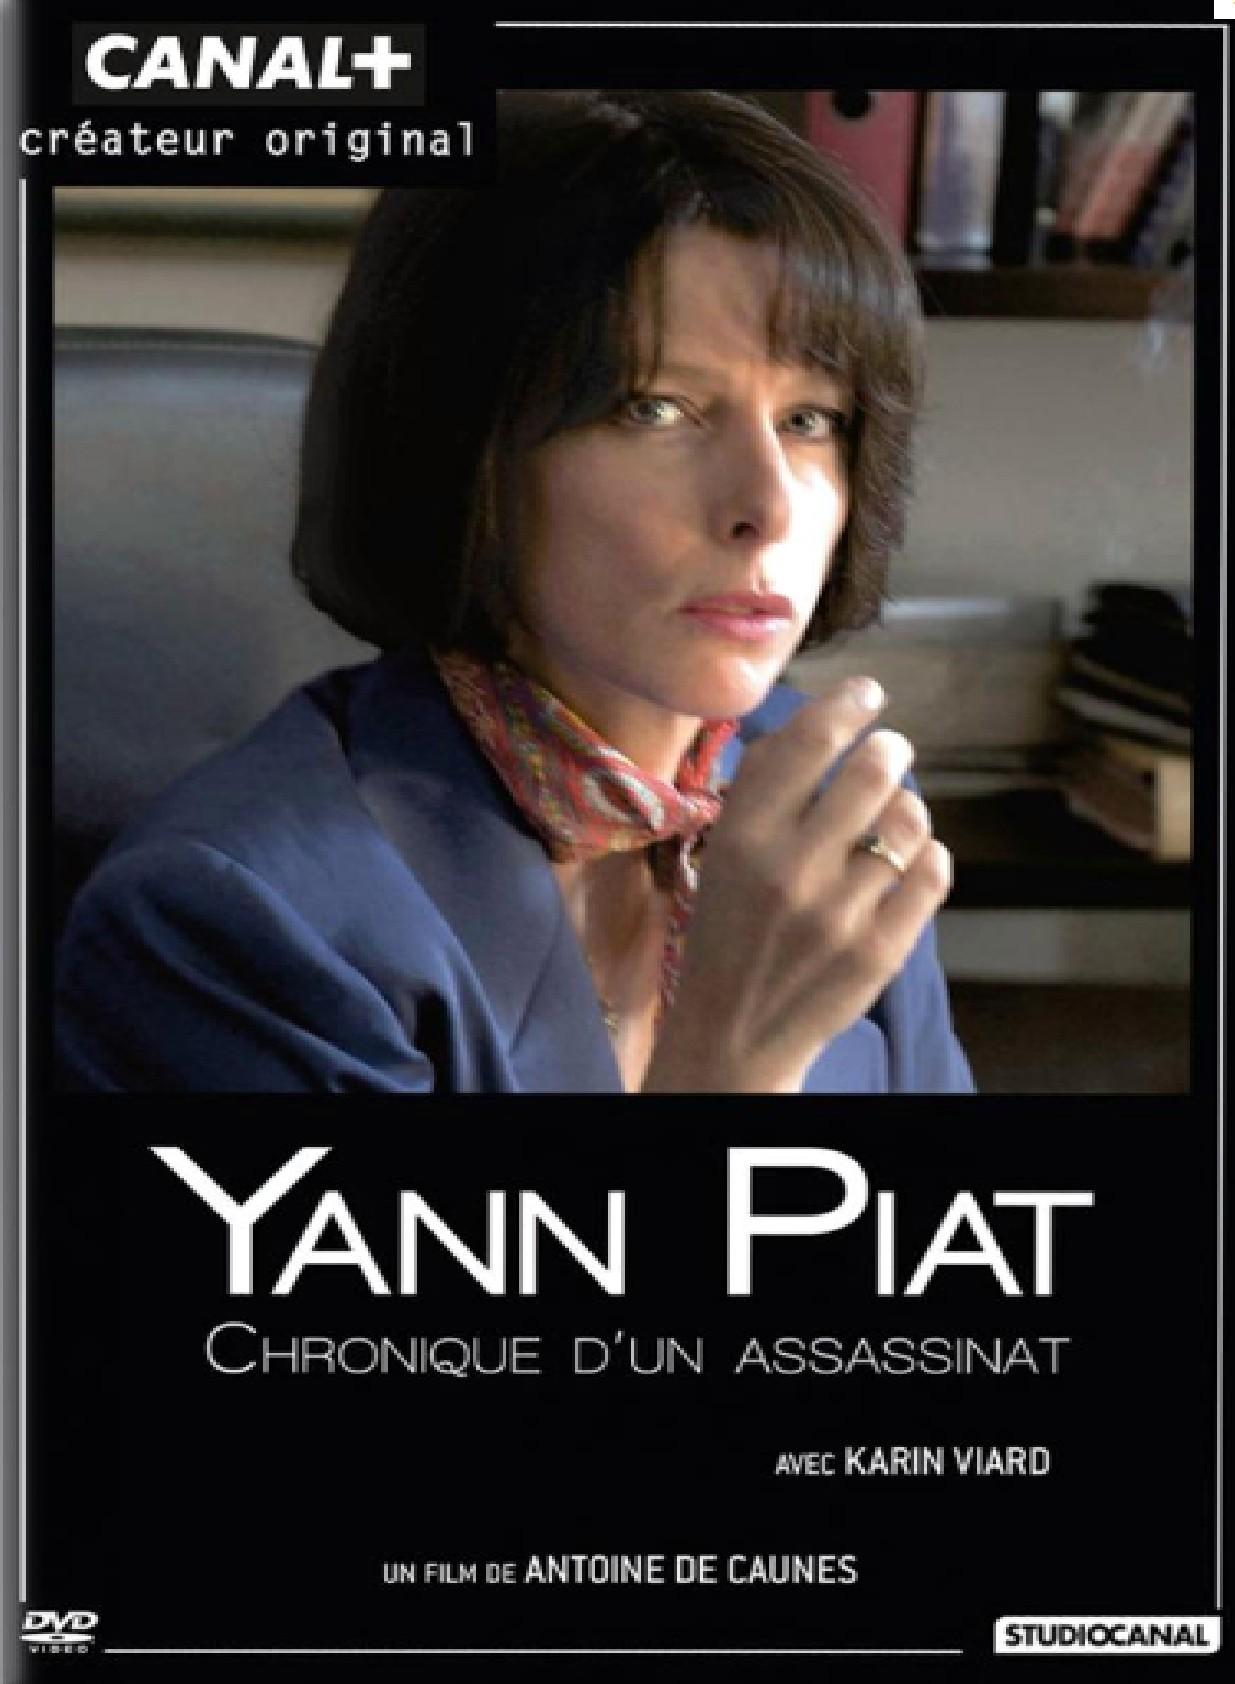 Yann Piat, chronique dun assassinat